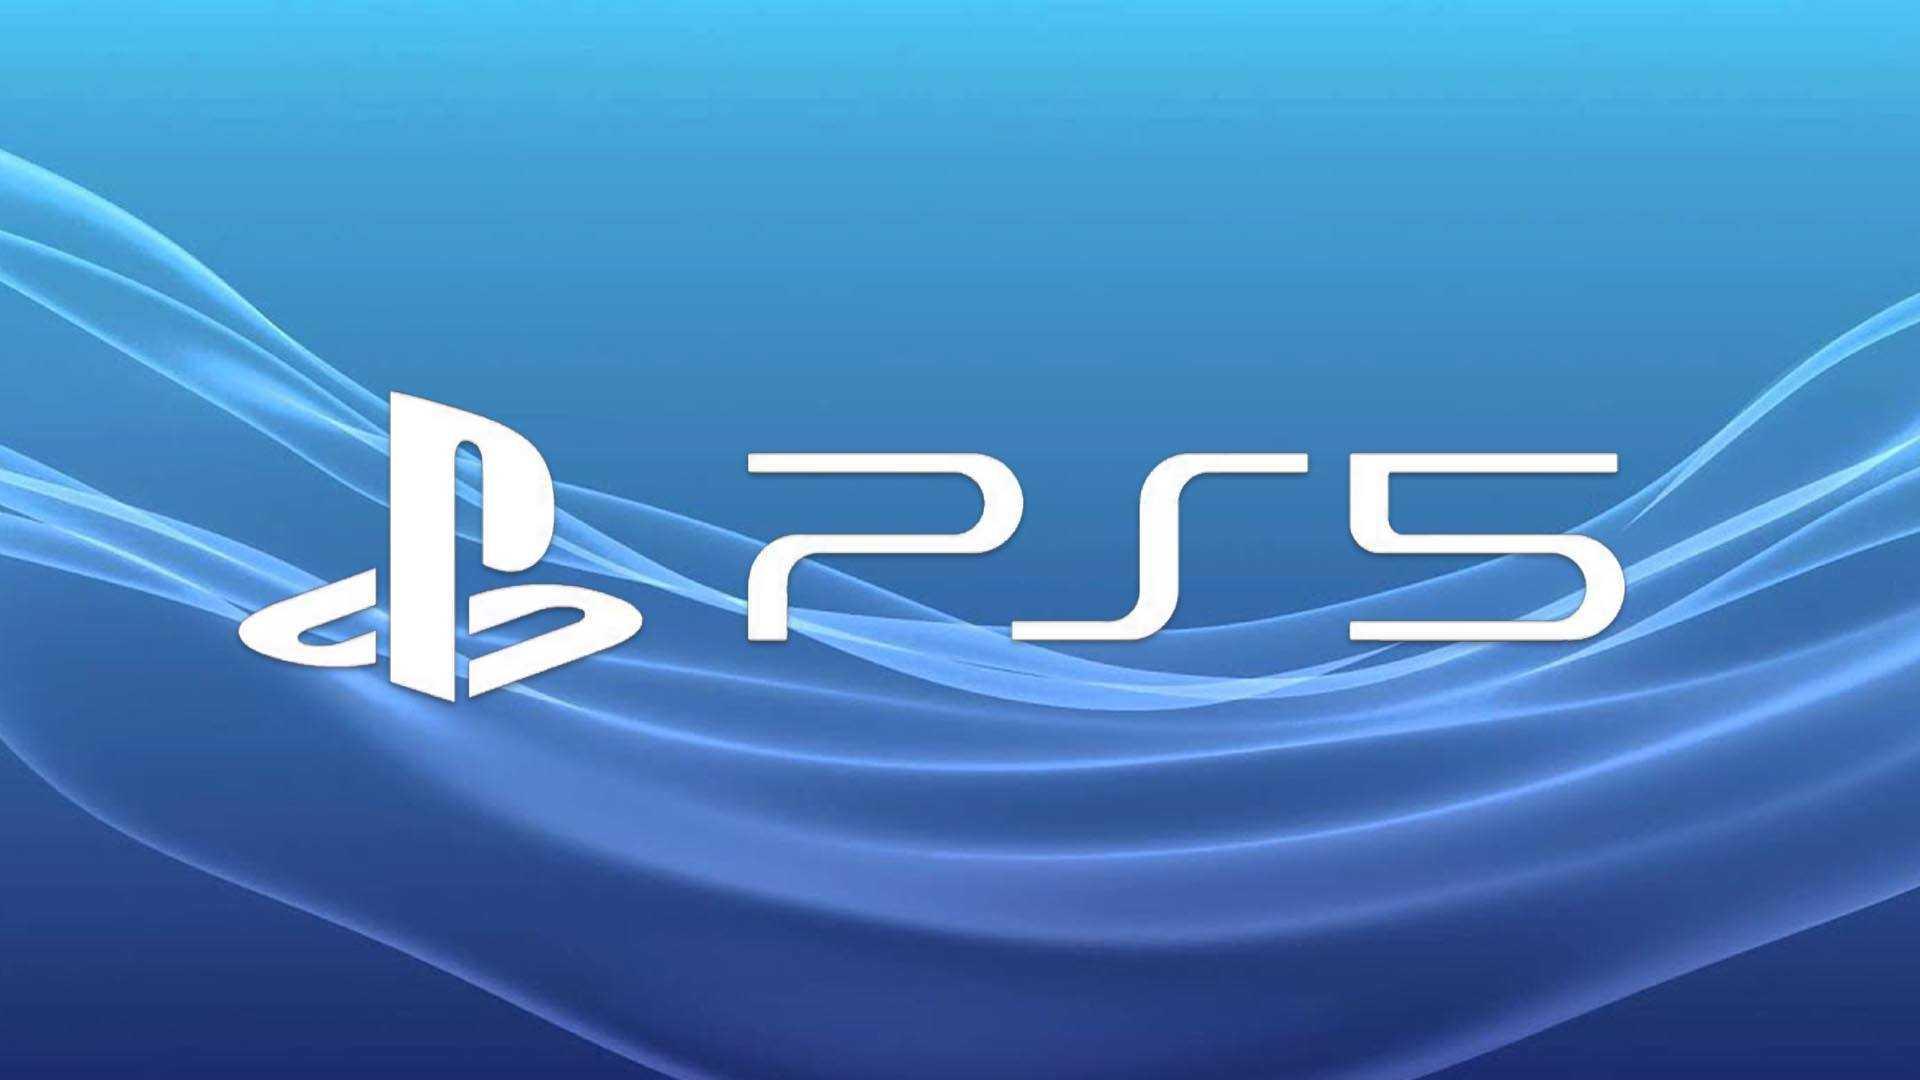 Для тех кто не в курсе: не так давно компания столкнулась с жестокой обратной реакцией со стороны пользователей – геймеры жестко раскритиковали логотип PlayStation 5